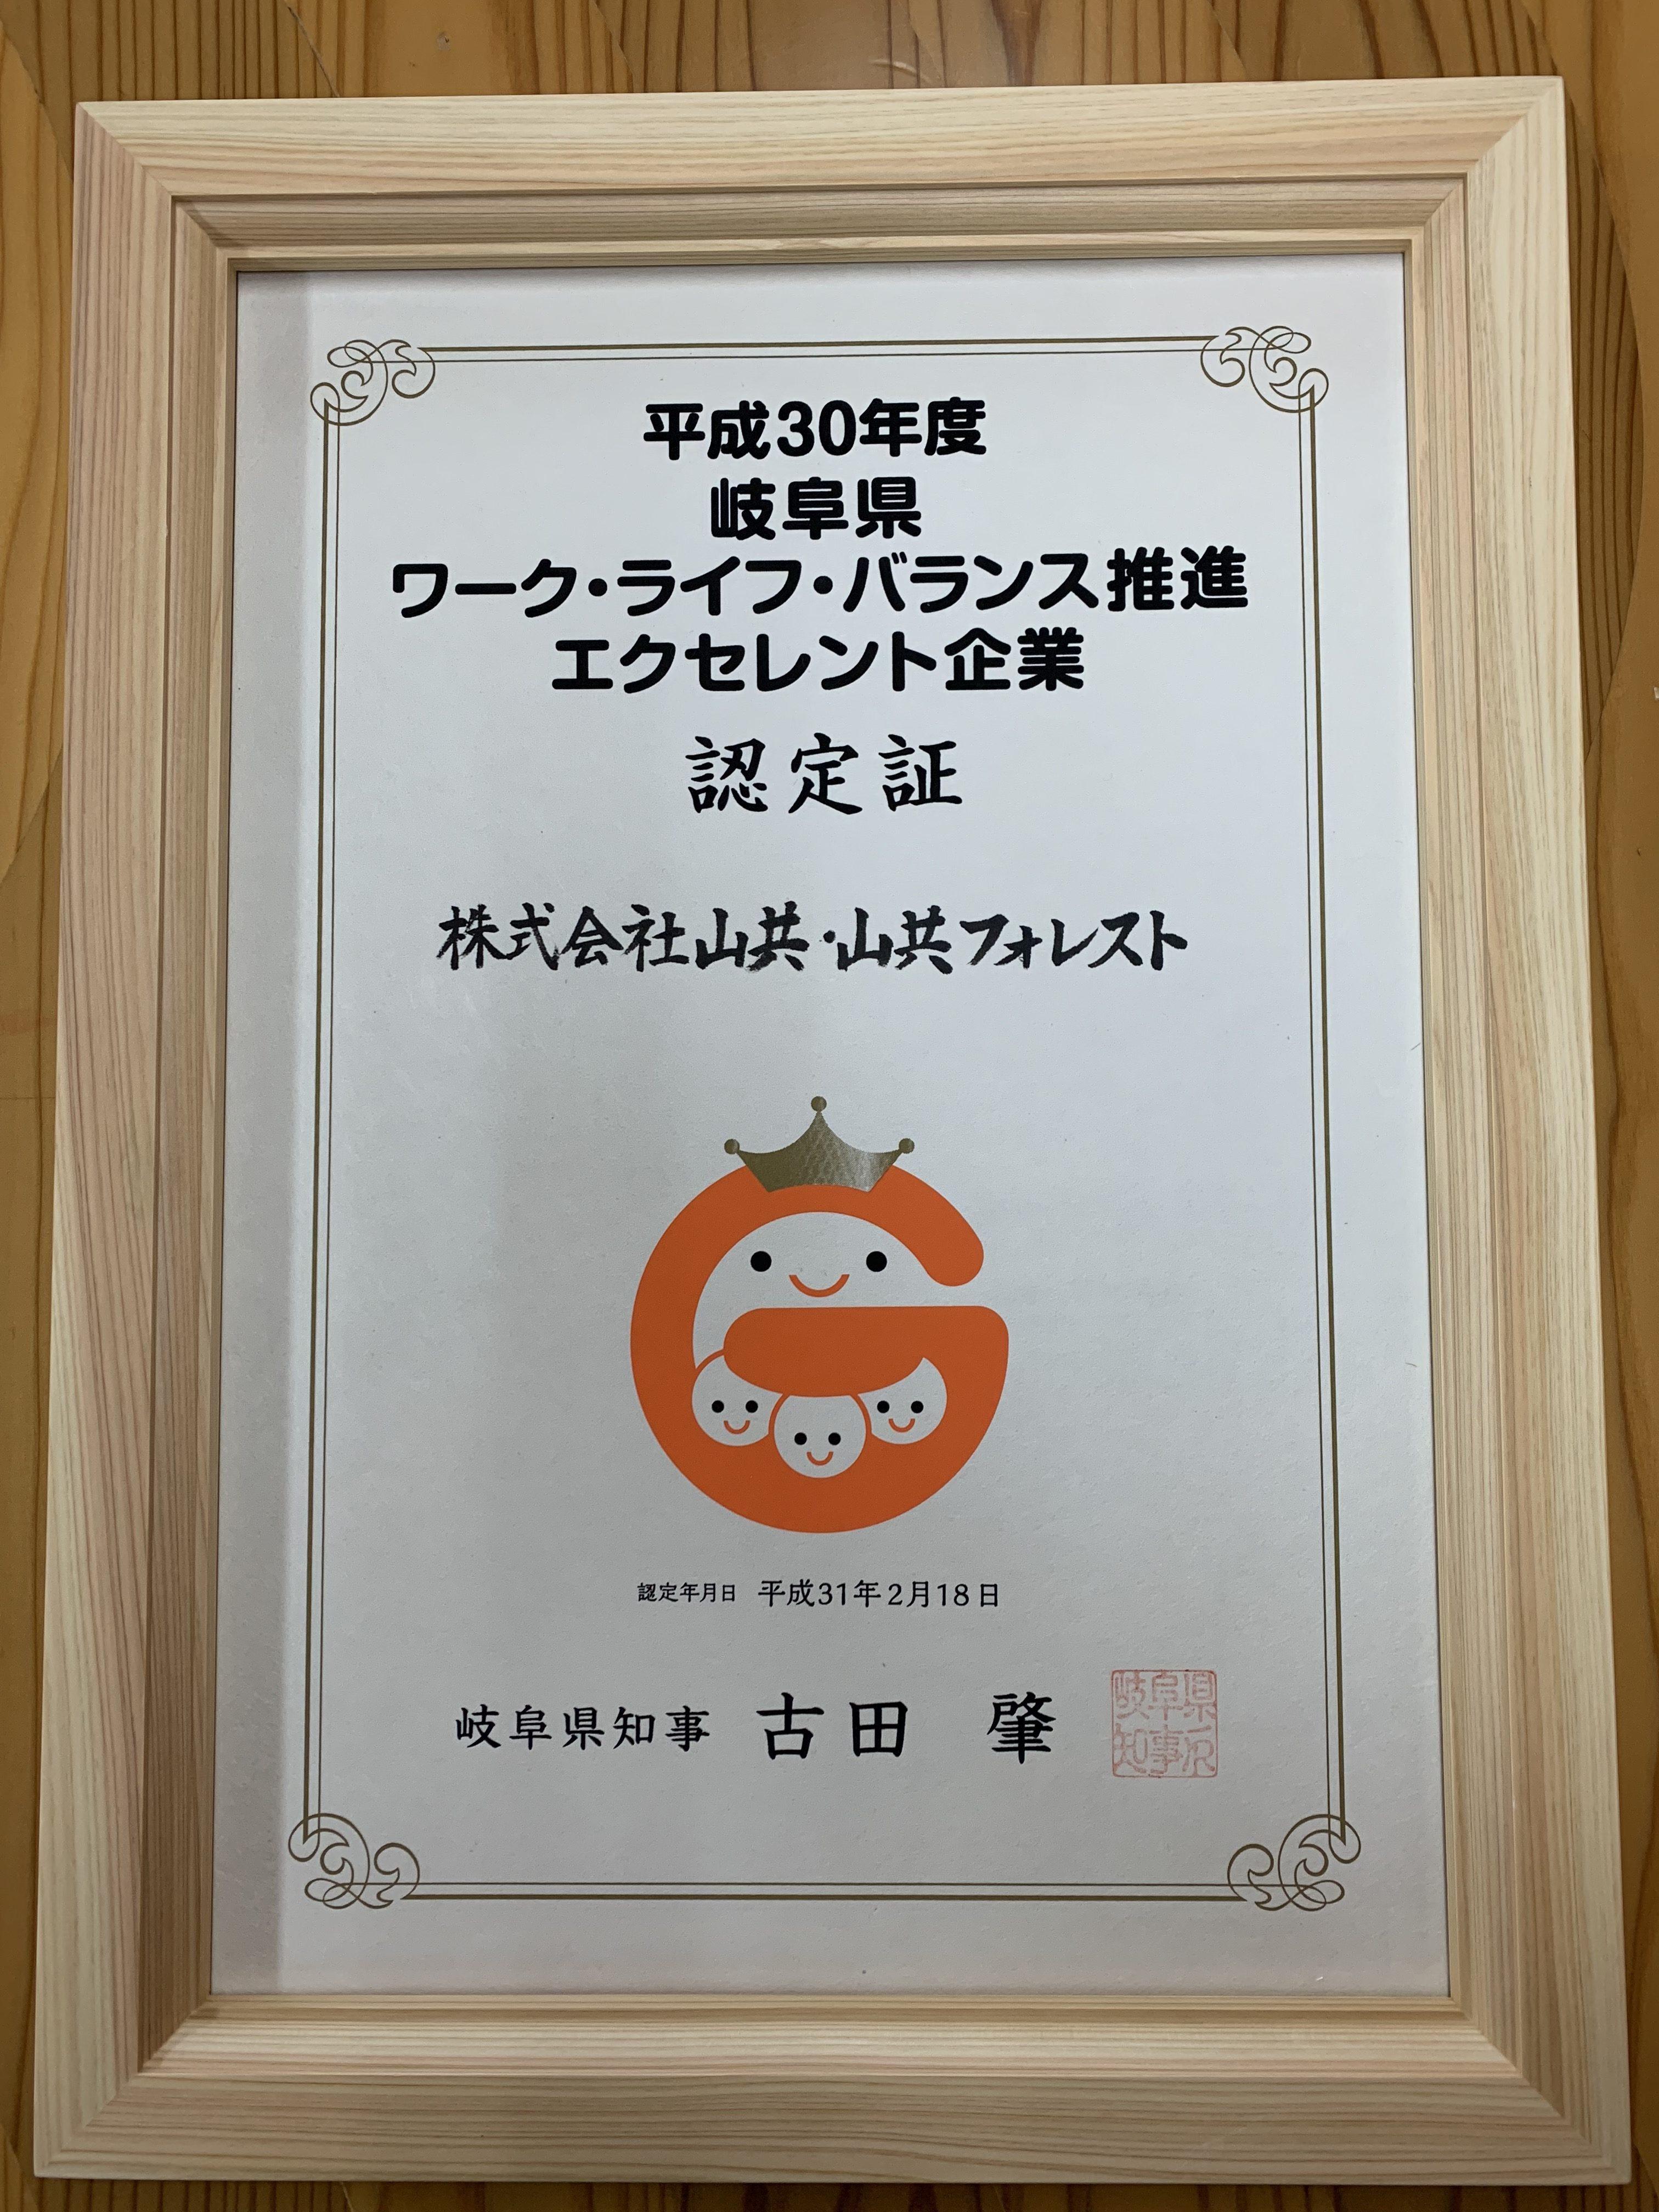 岐阜県ワークライフバランス推進 エクセレント企業 認定!